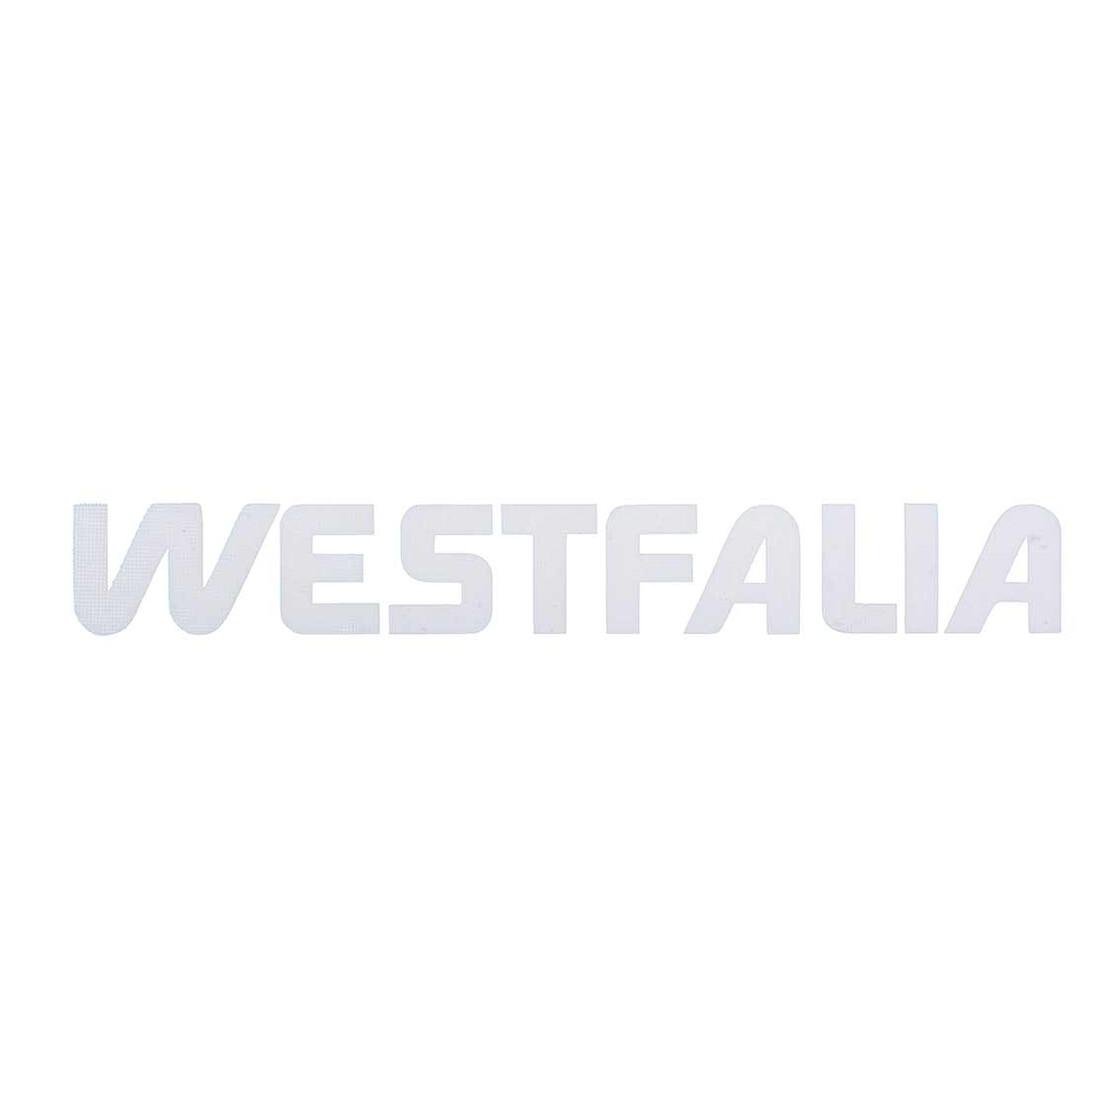 T3 Aufkleber Westfalia Weiss Fur Den Kuchenblock Bus Ok De 5 00